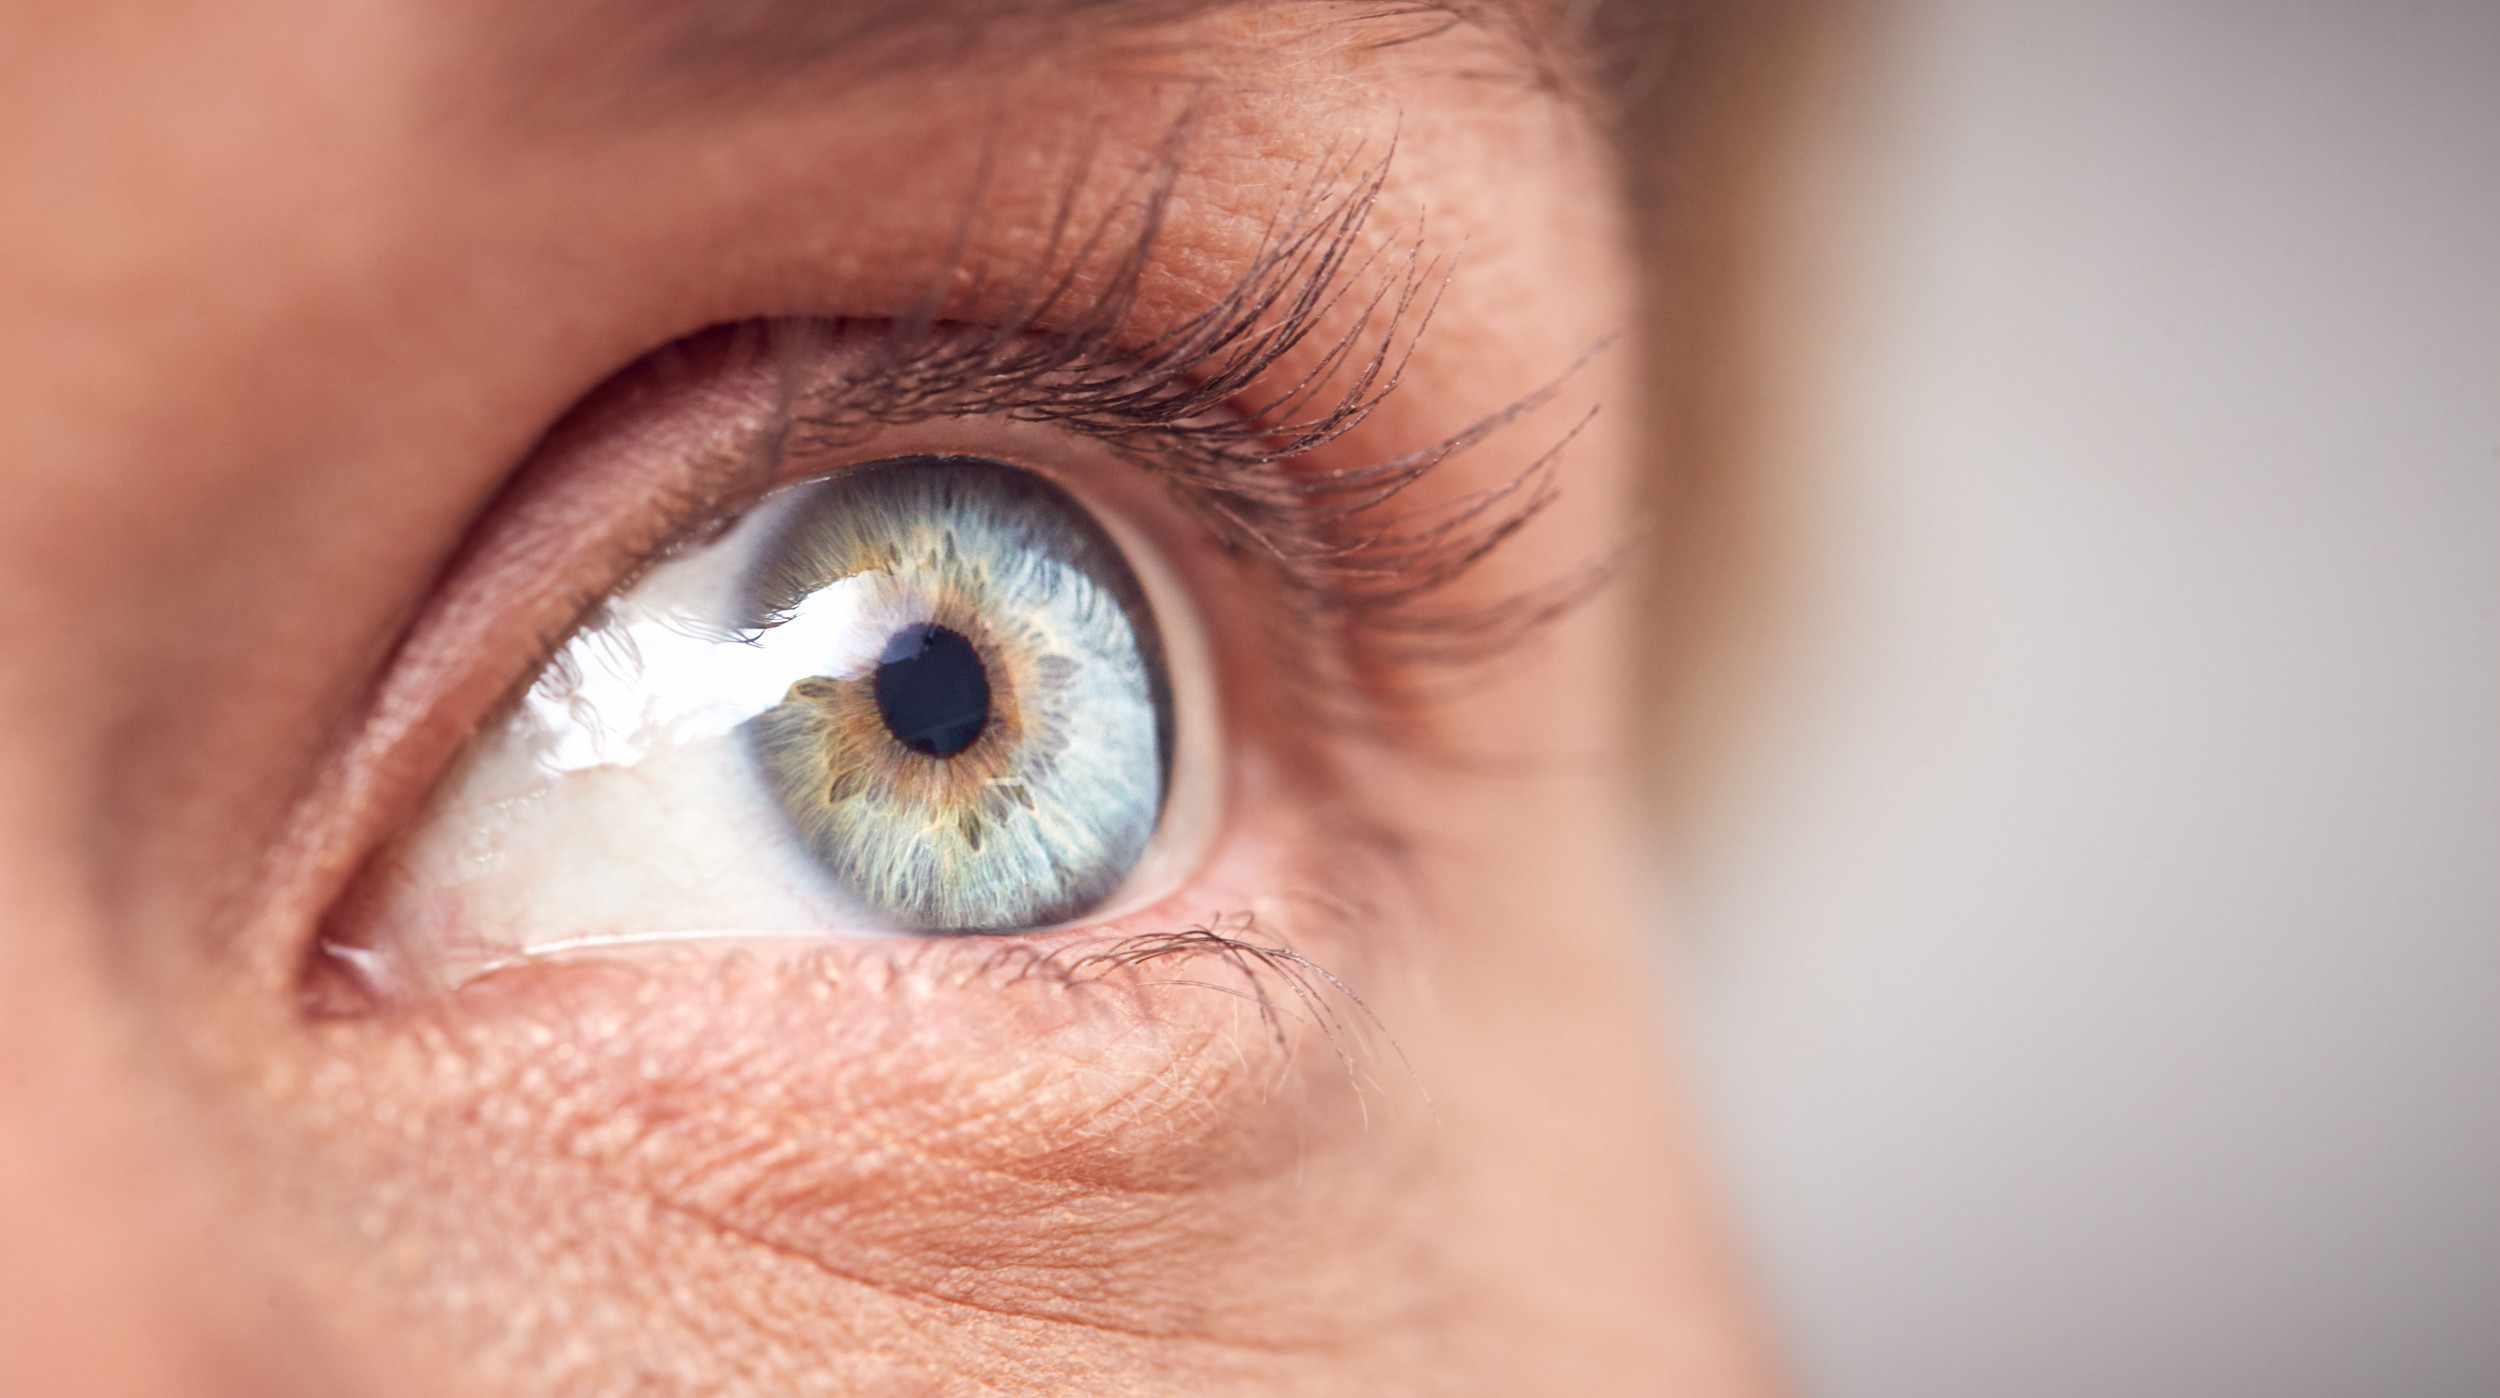 covid scan eye symptoms patients